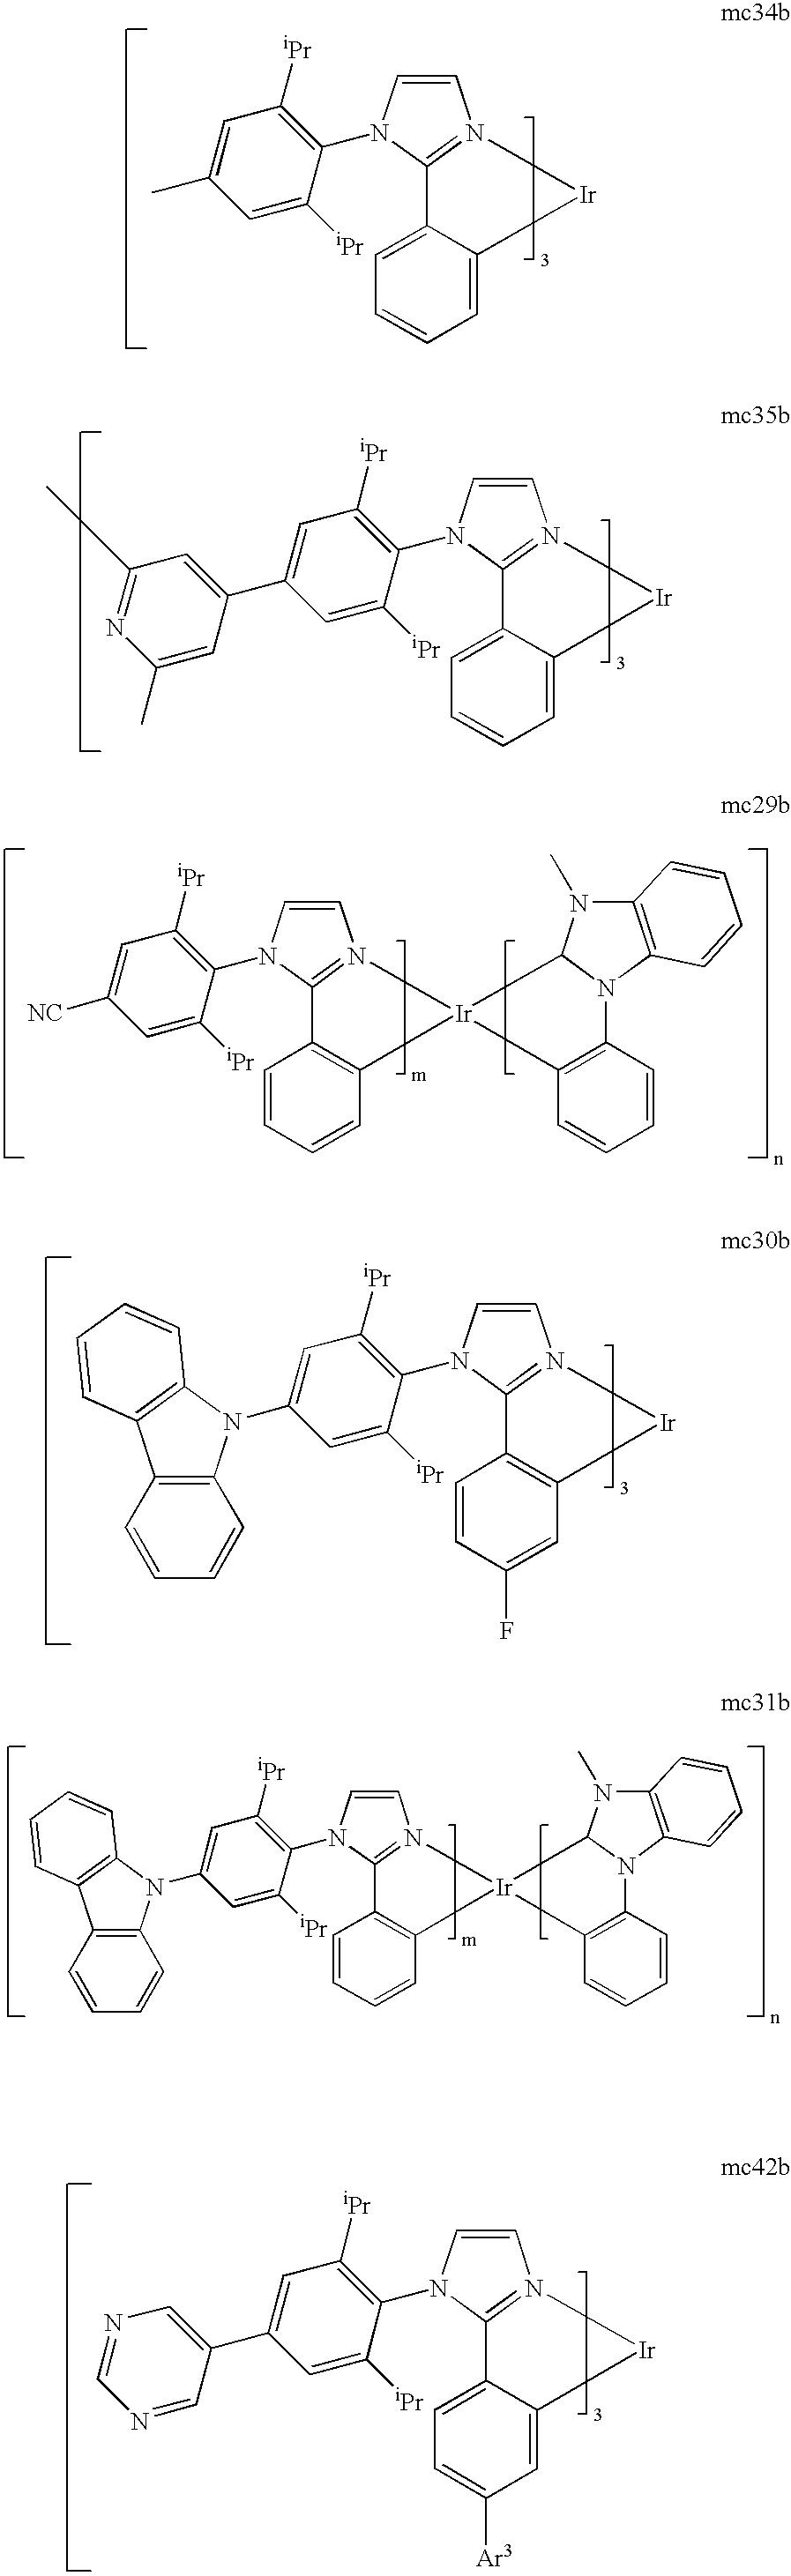 Figure US20070088167A1-20070419-C00020